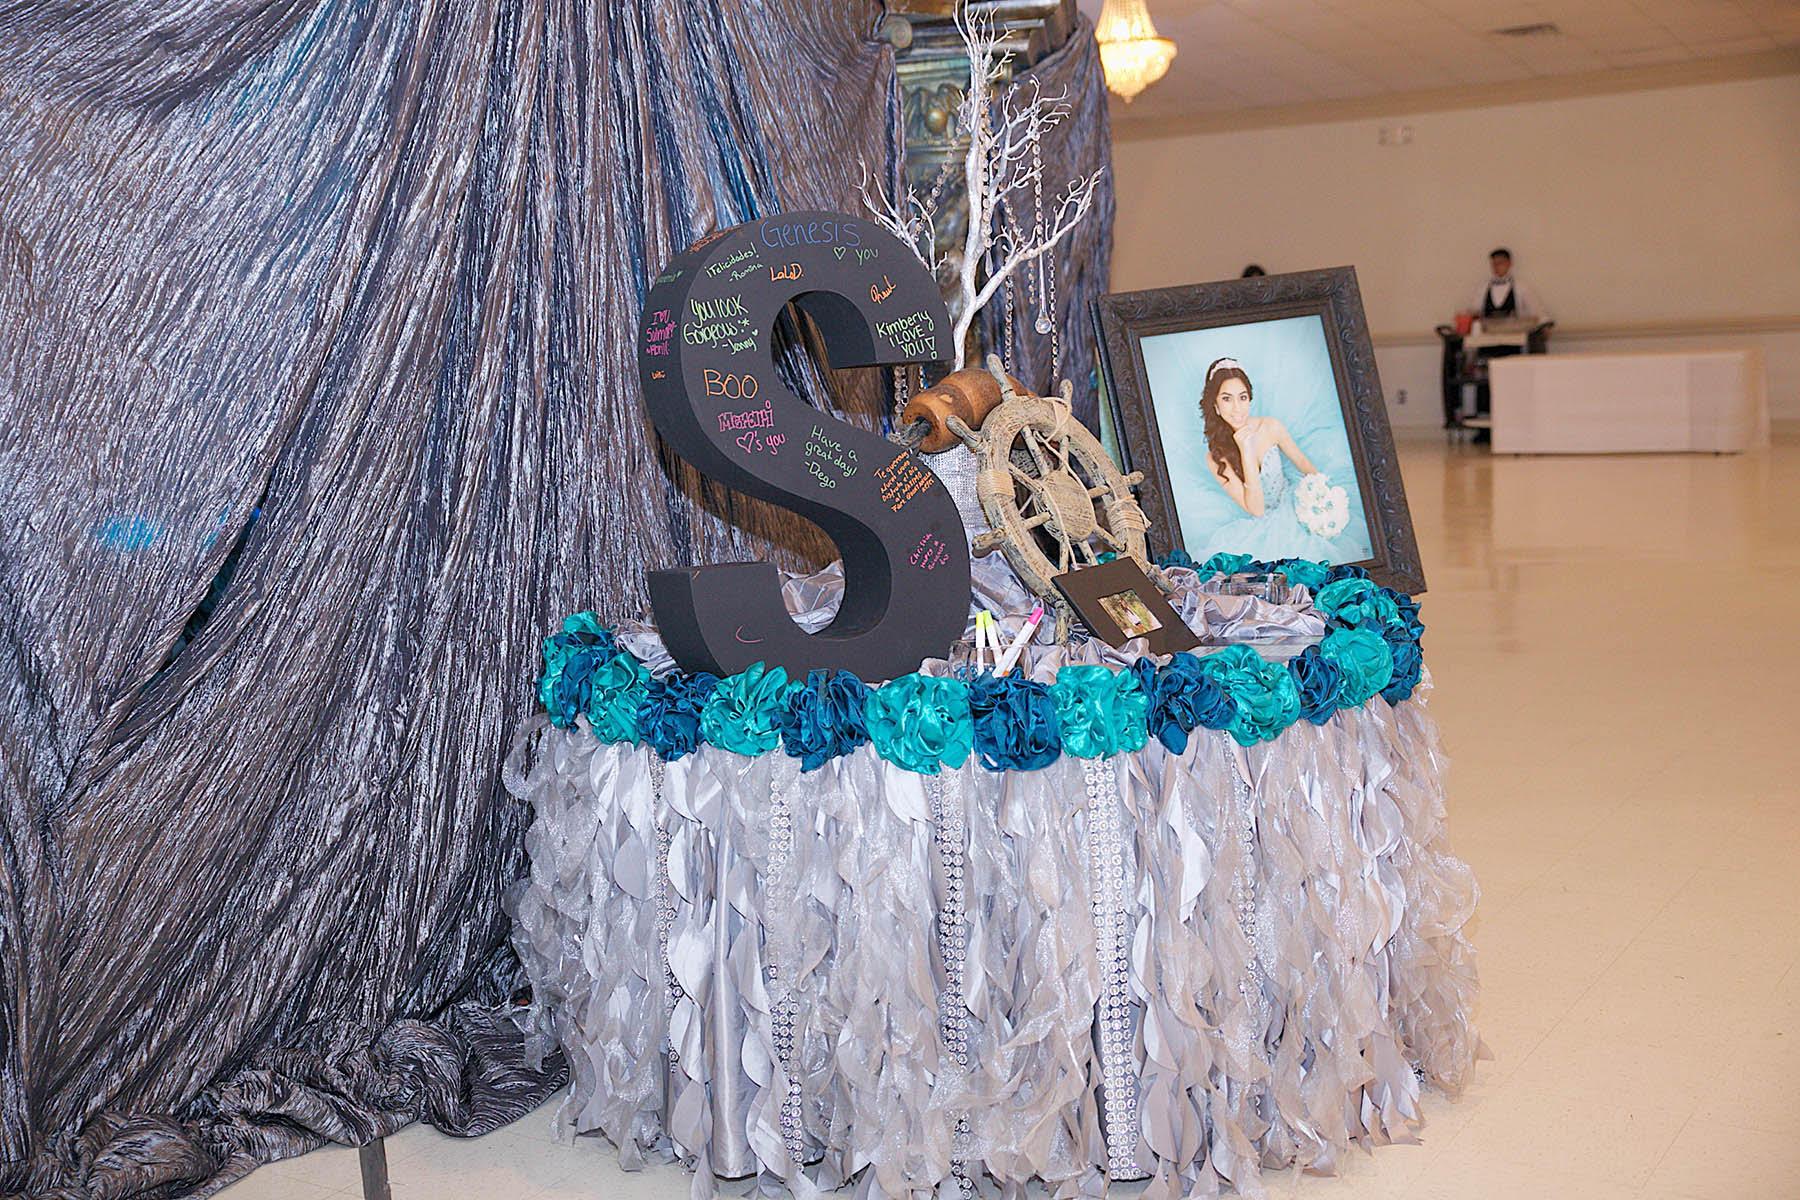 armentas reception hall